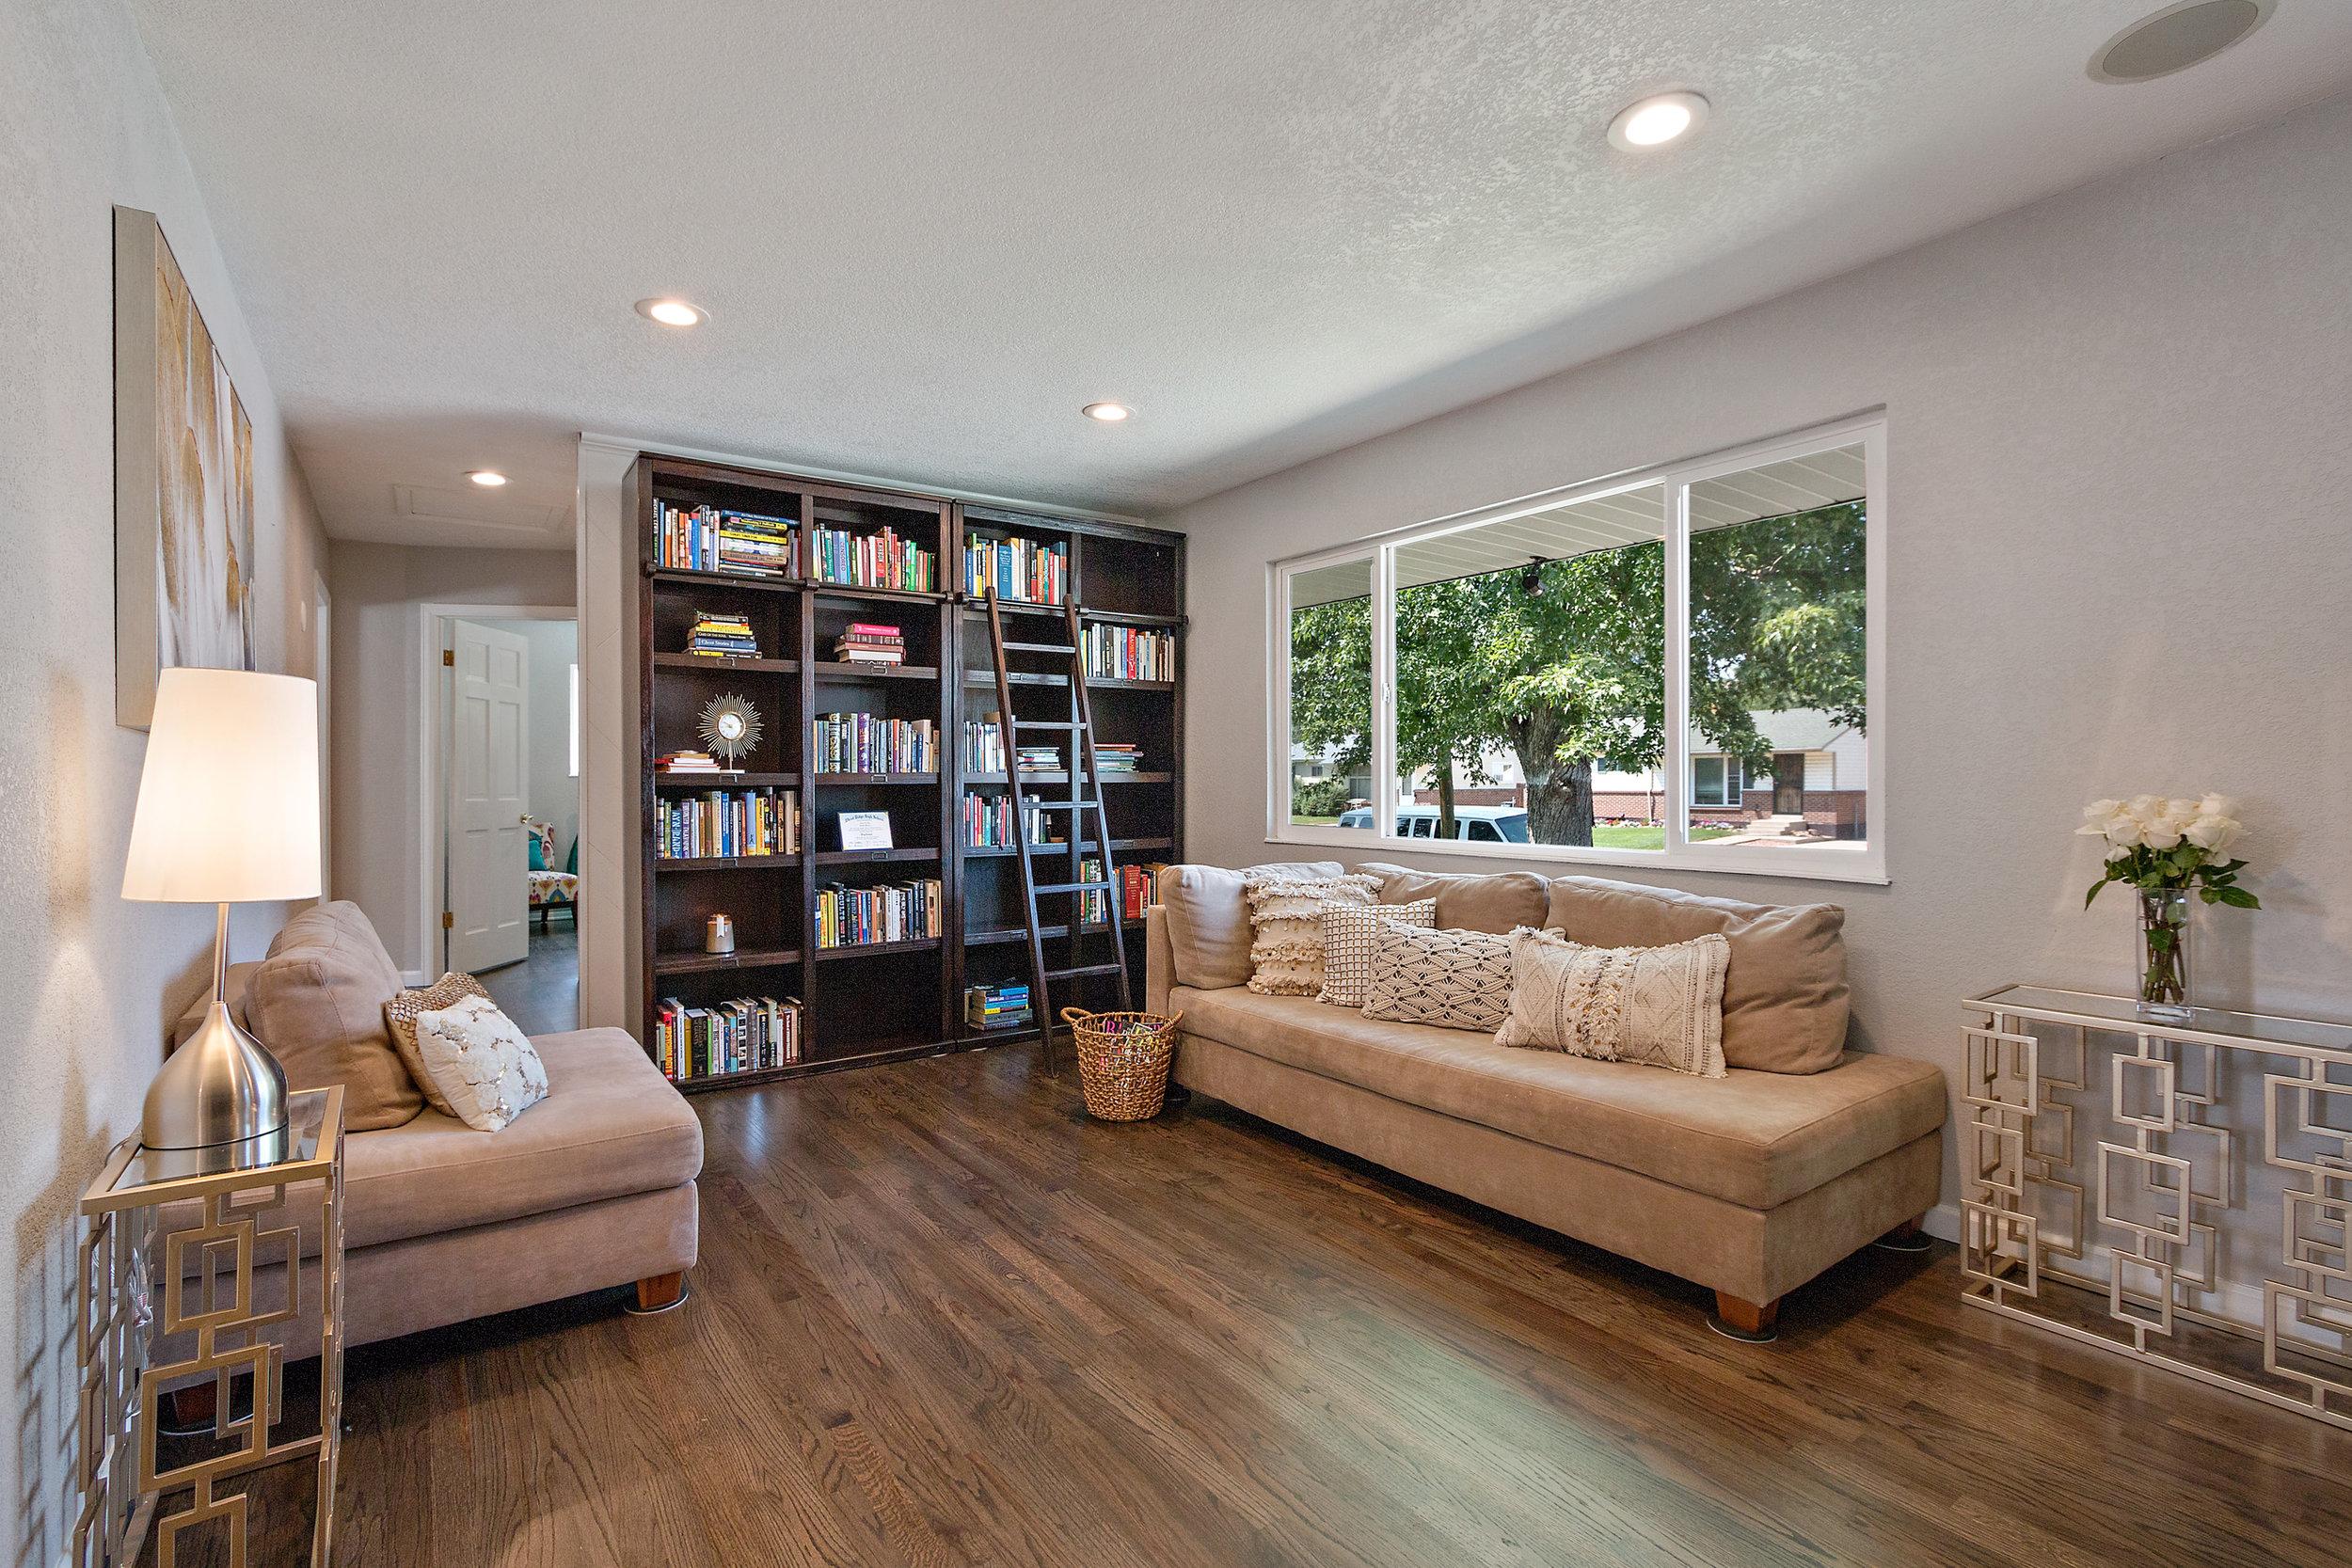 01-Living Room.jpg